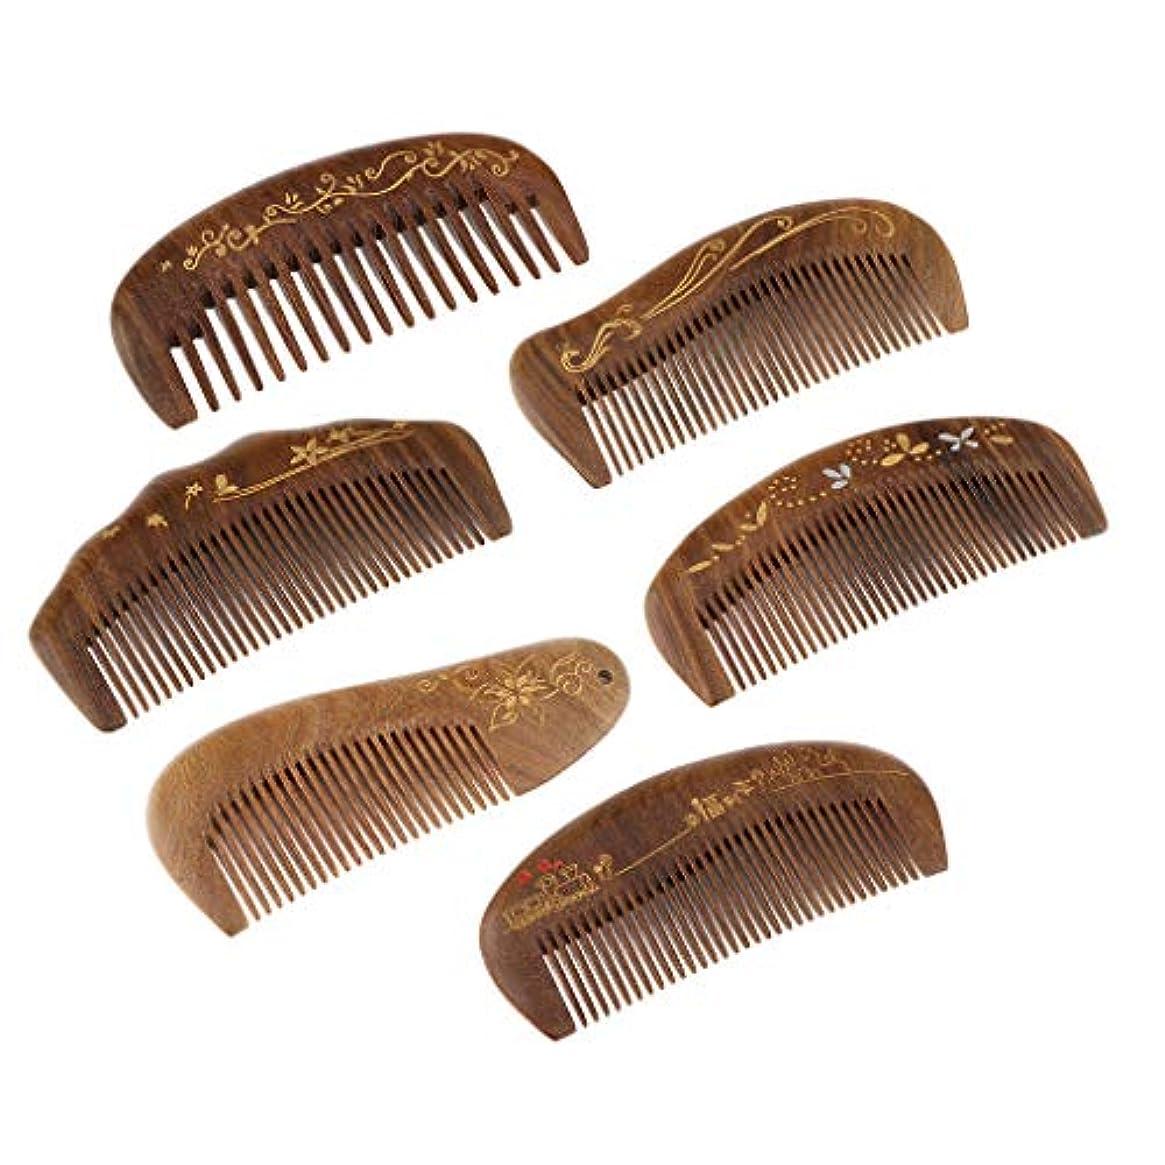 キャップ有用普通のB Blesiya 7点 ウッド製 髪櫛 ヘアコーム ヘアブラシ マッサージコーム